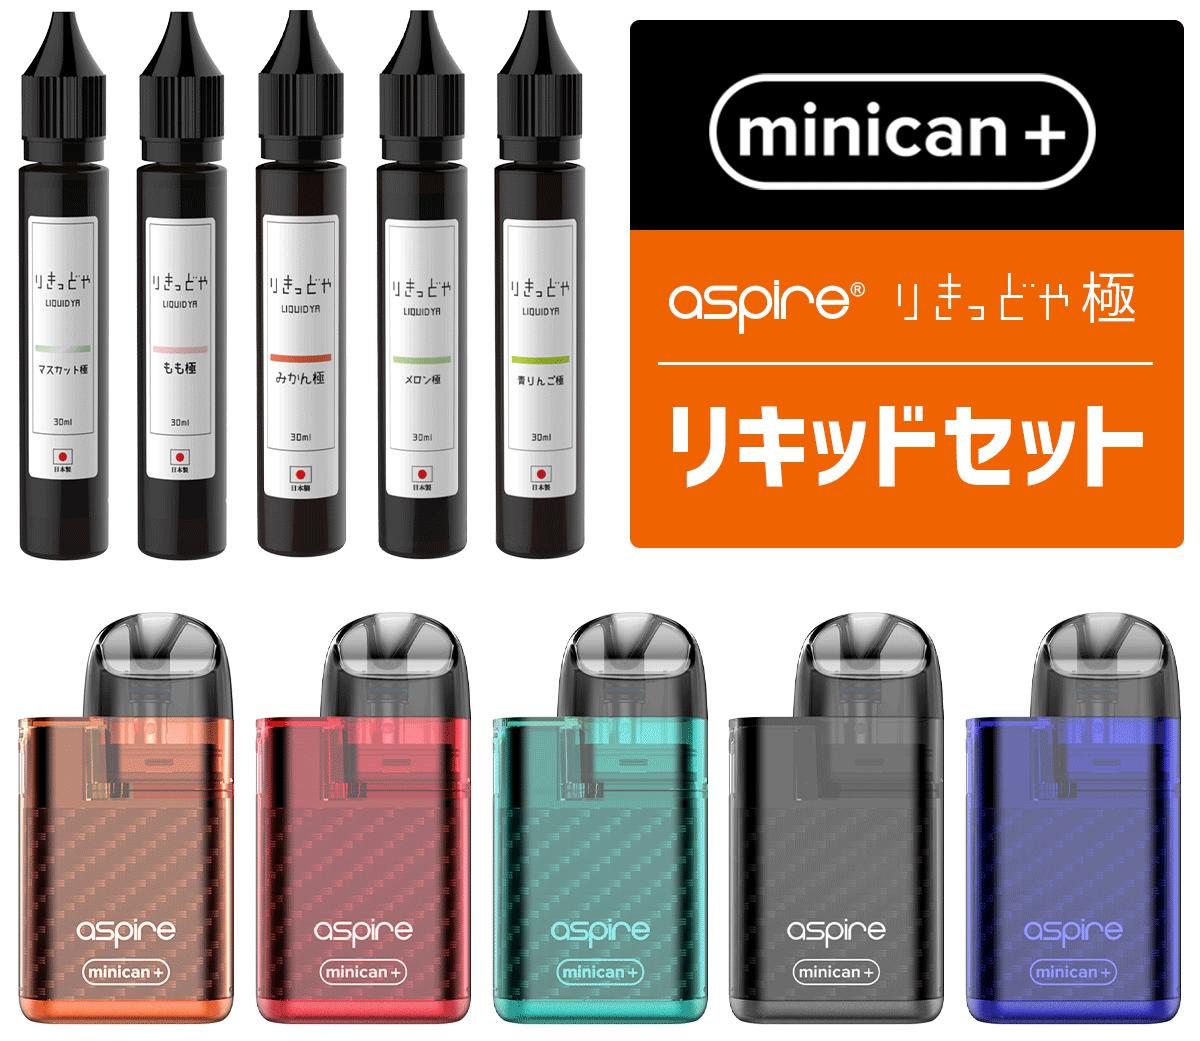 minican plusのリキッドセット